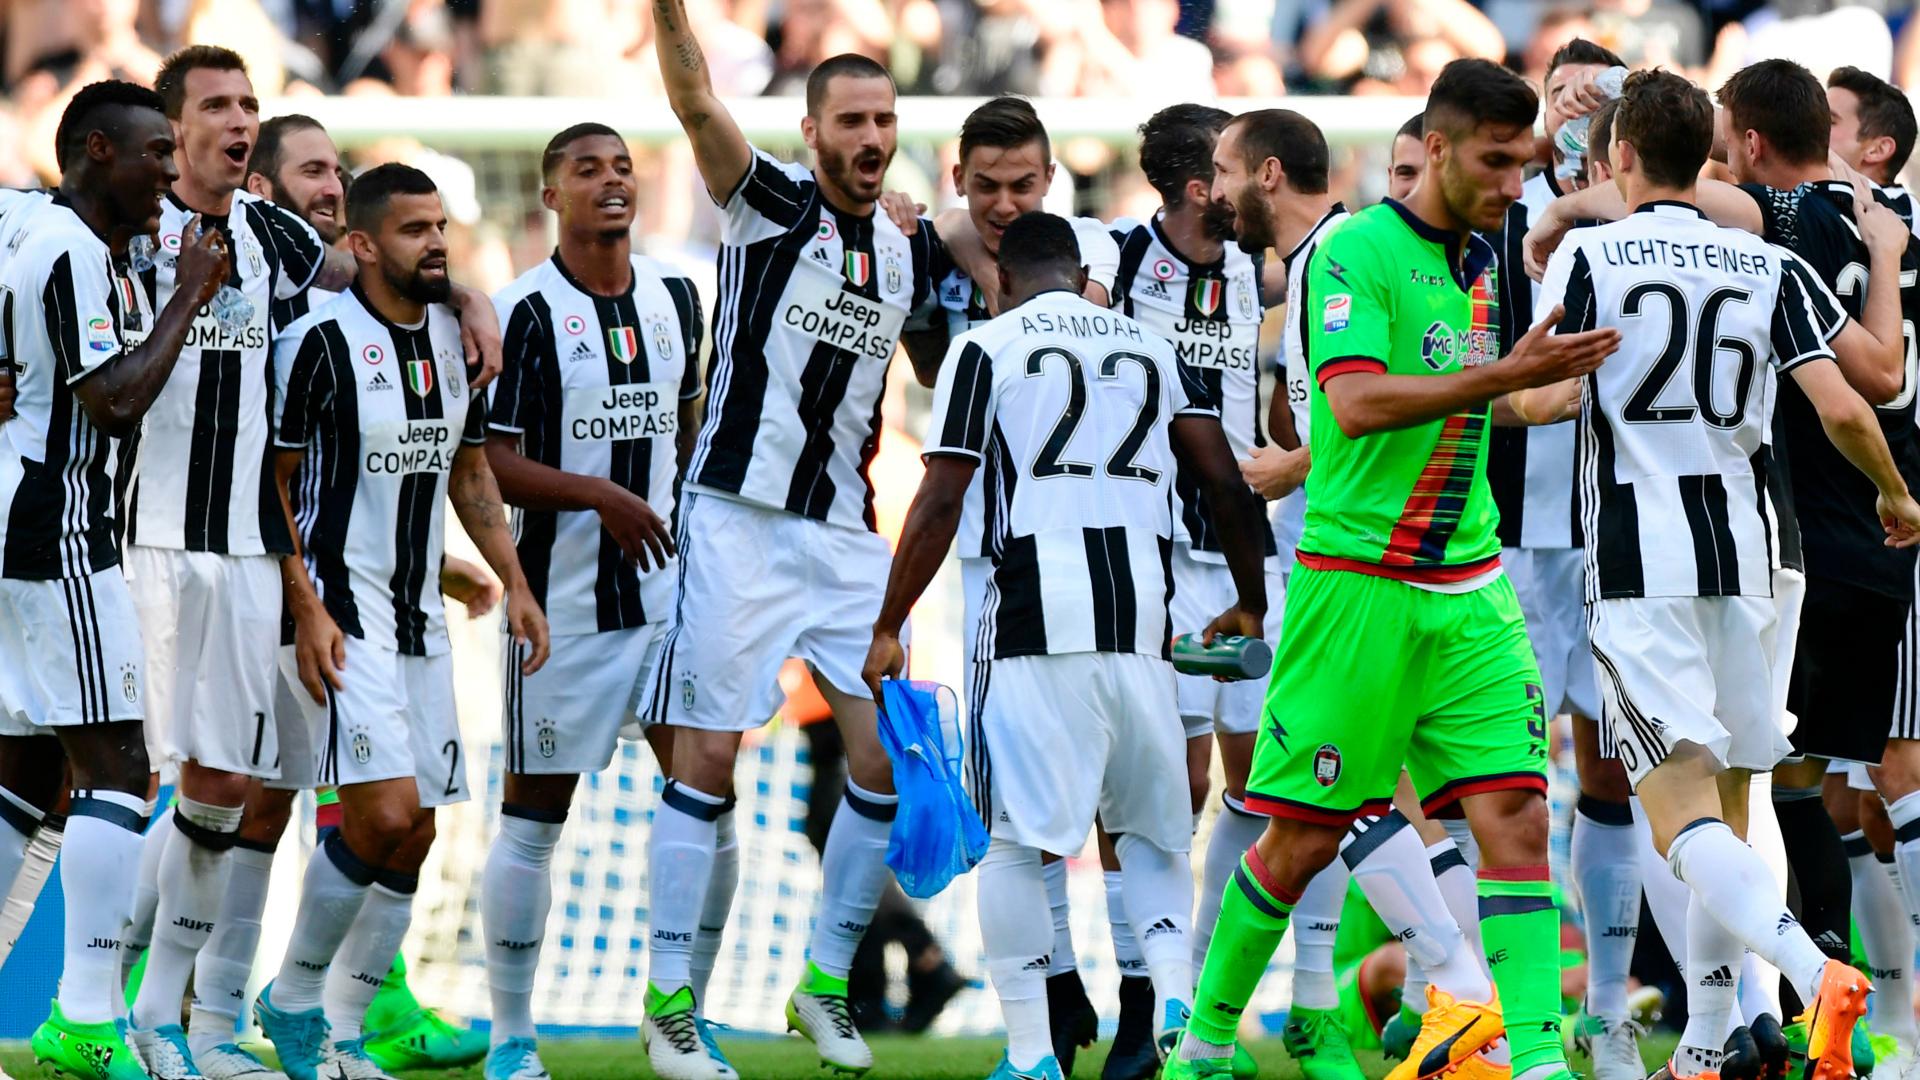 Serie A: Juve scudetto, Milan Europa. Empoli-Crotone per la B